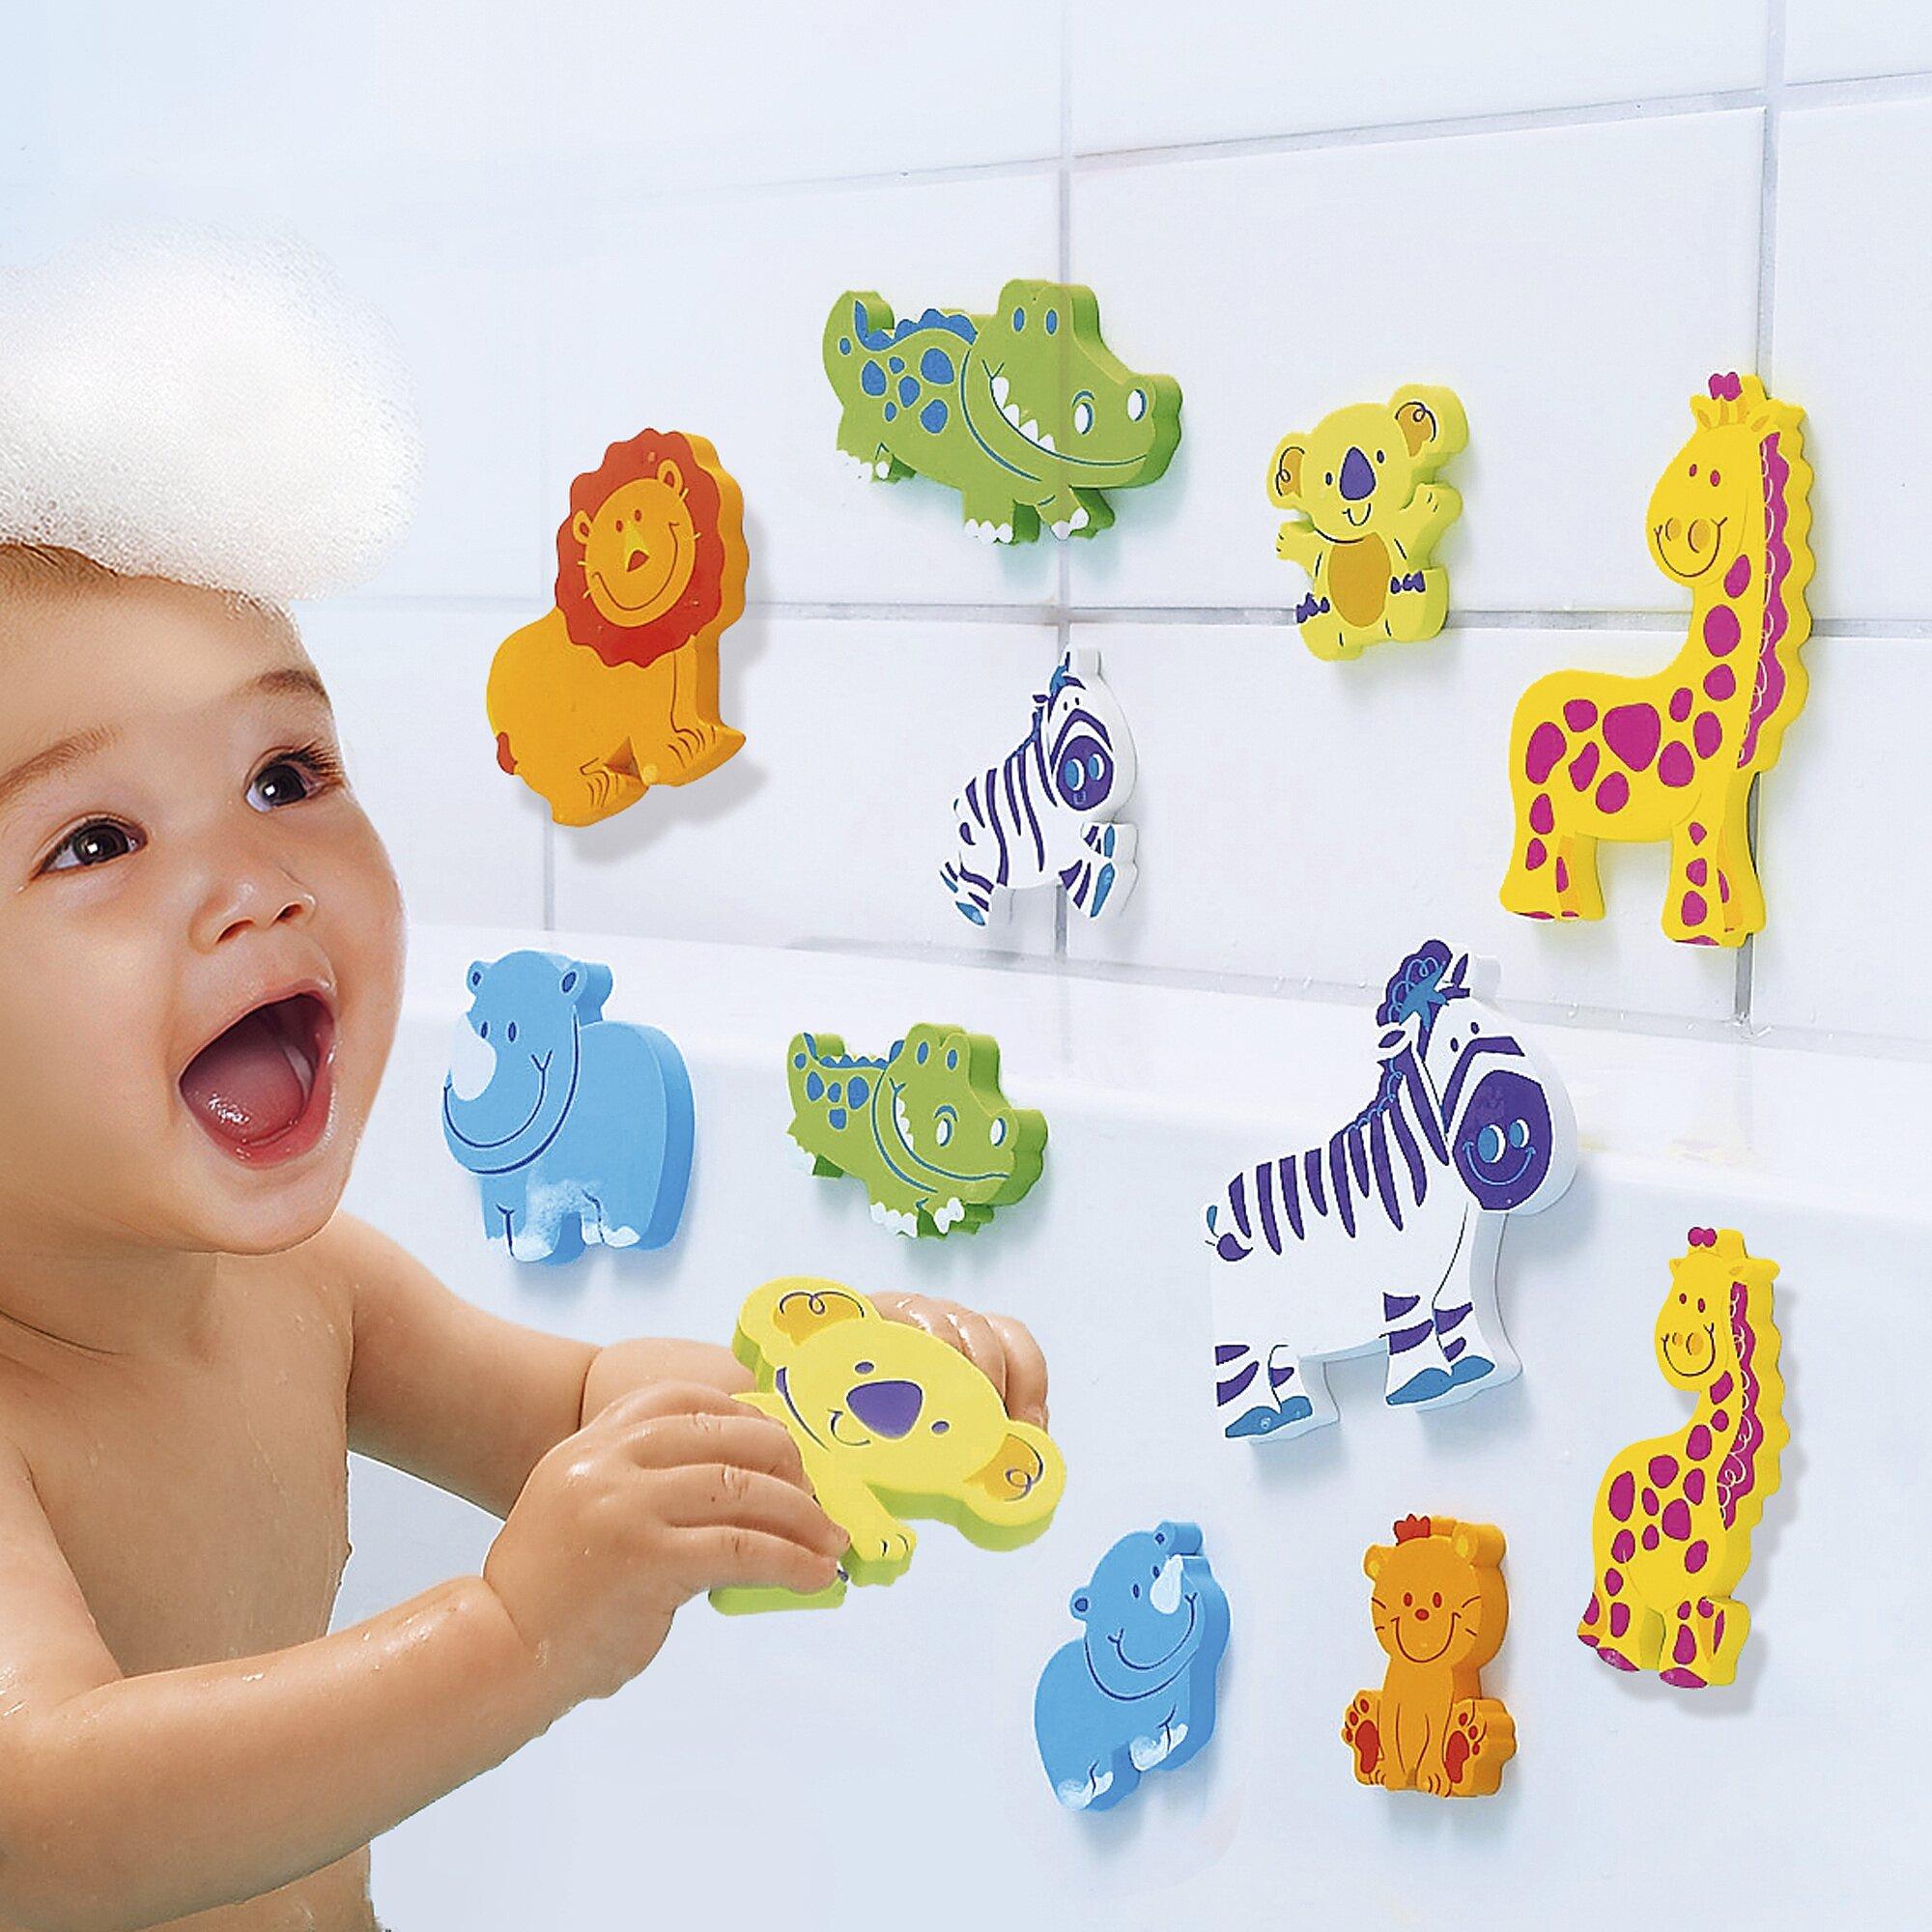 Jouets pour le bain chambre enfants for Salle de bain 94 jeu